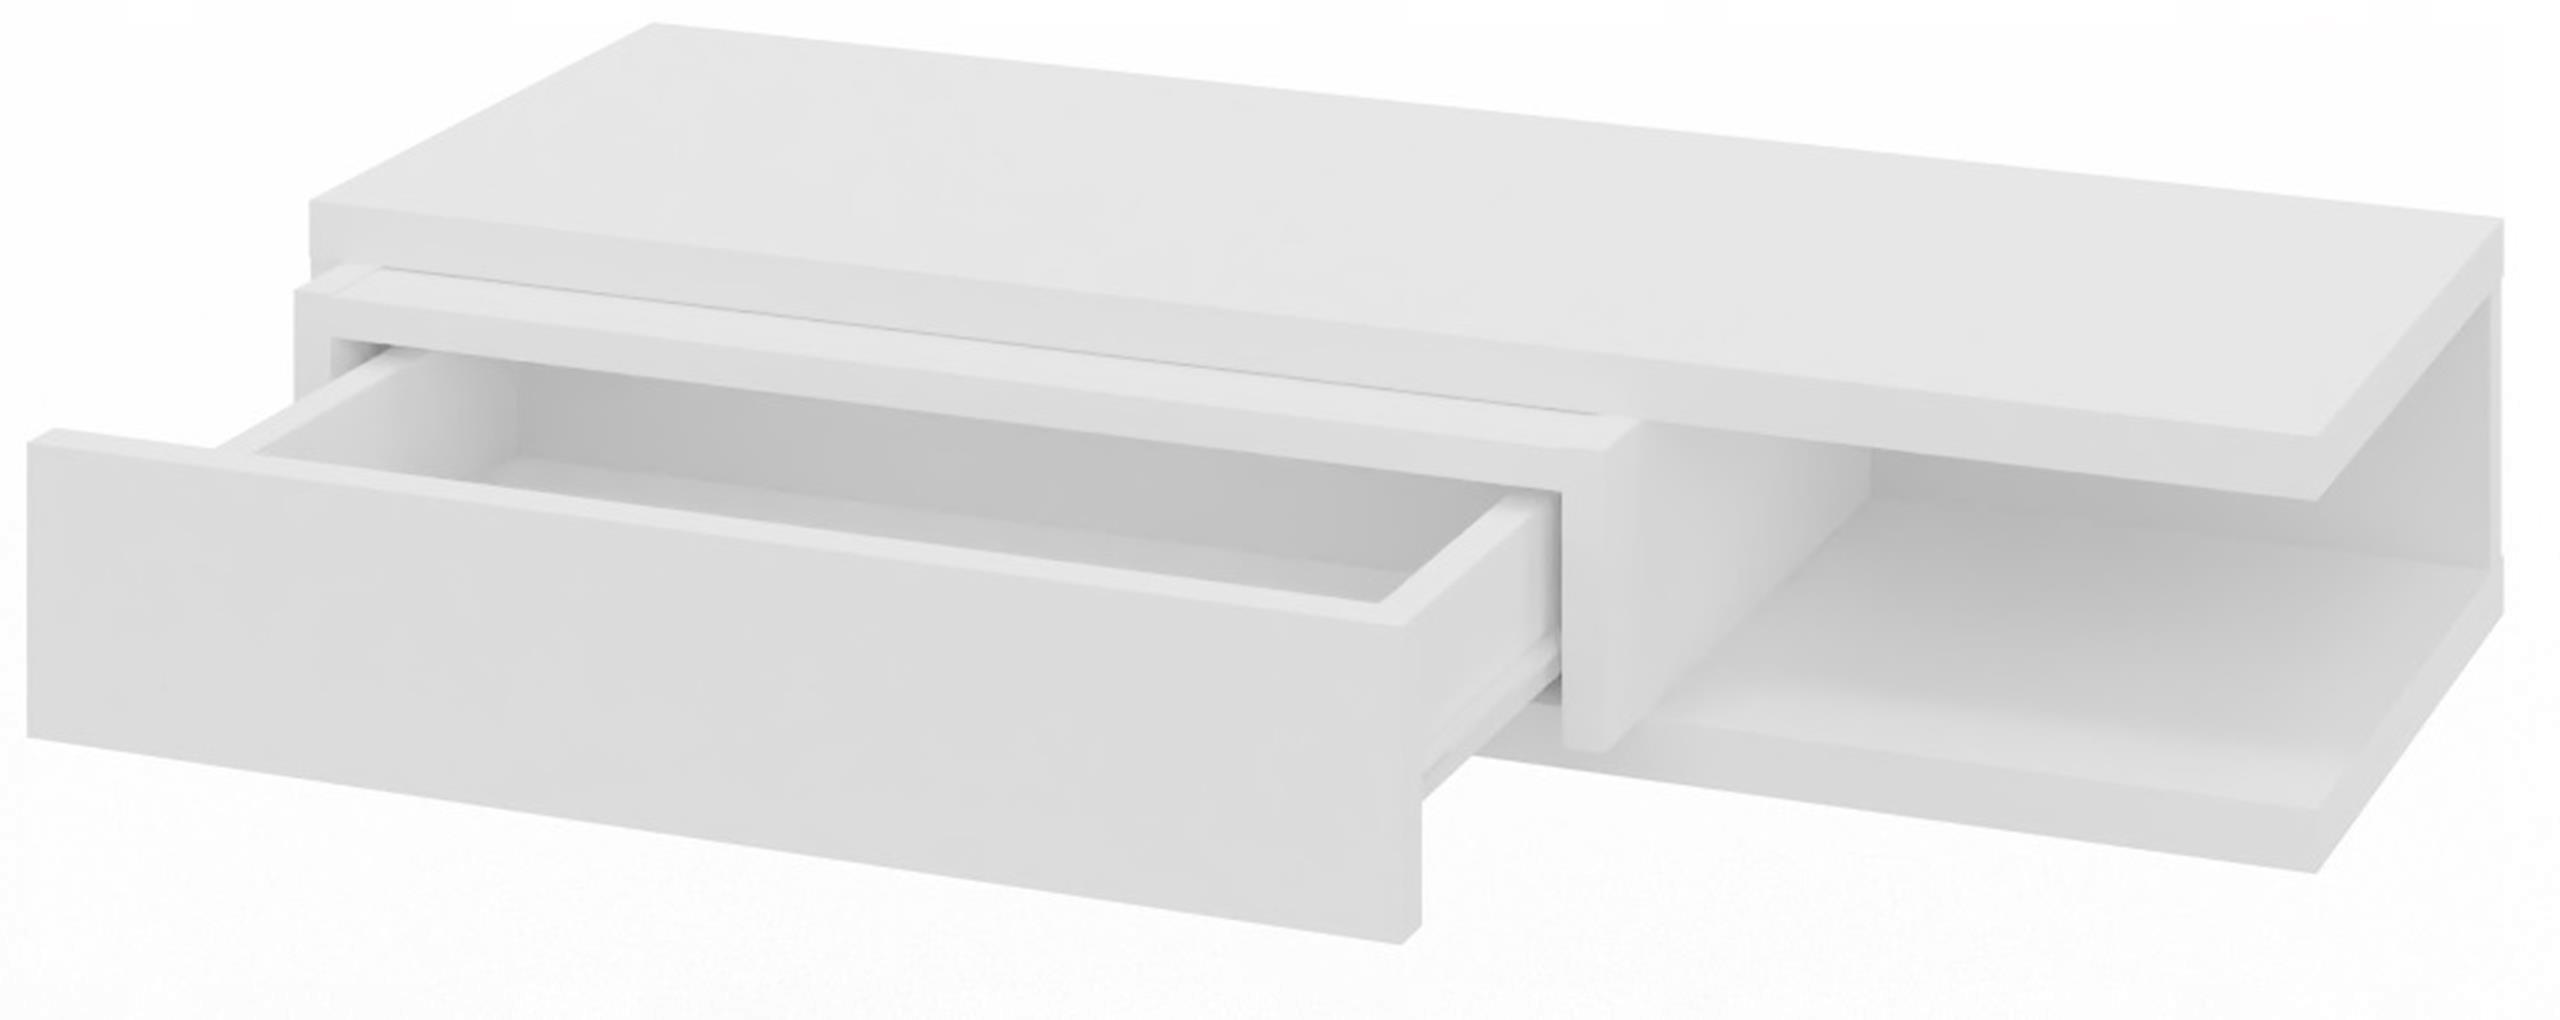 Подвесная консоль PICCO белая в холл